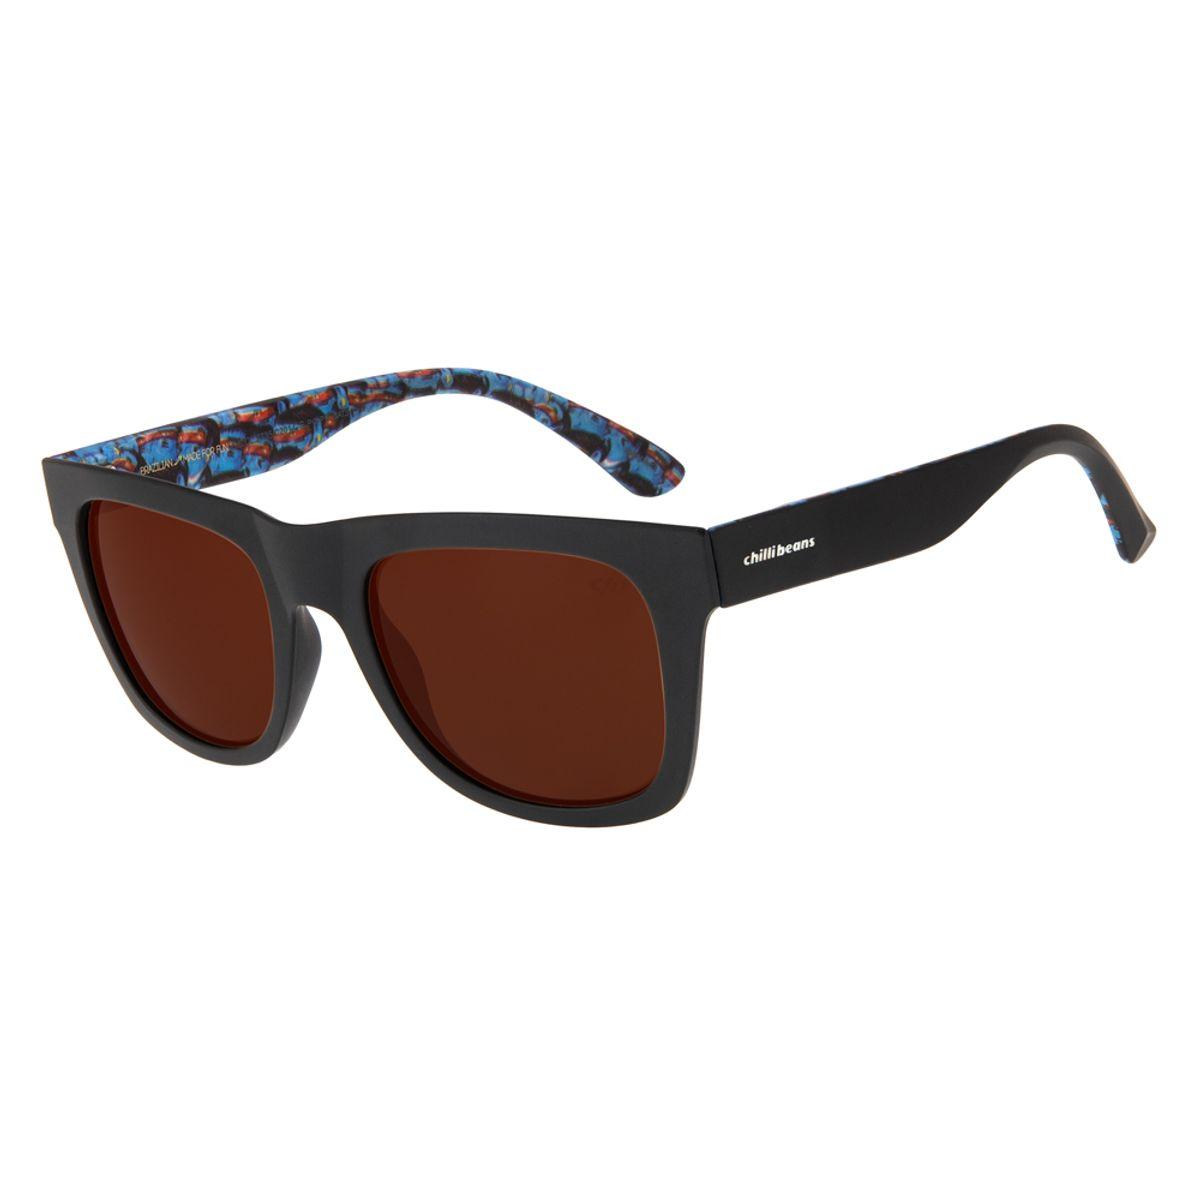 e4c25d045 Óculos de Sol Chilli Beans Masculino Arte de Rua Cranio Índios Preto ...